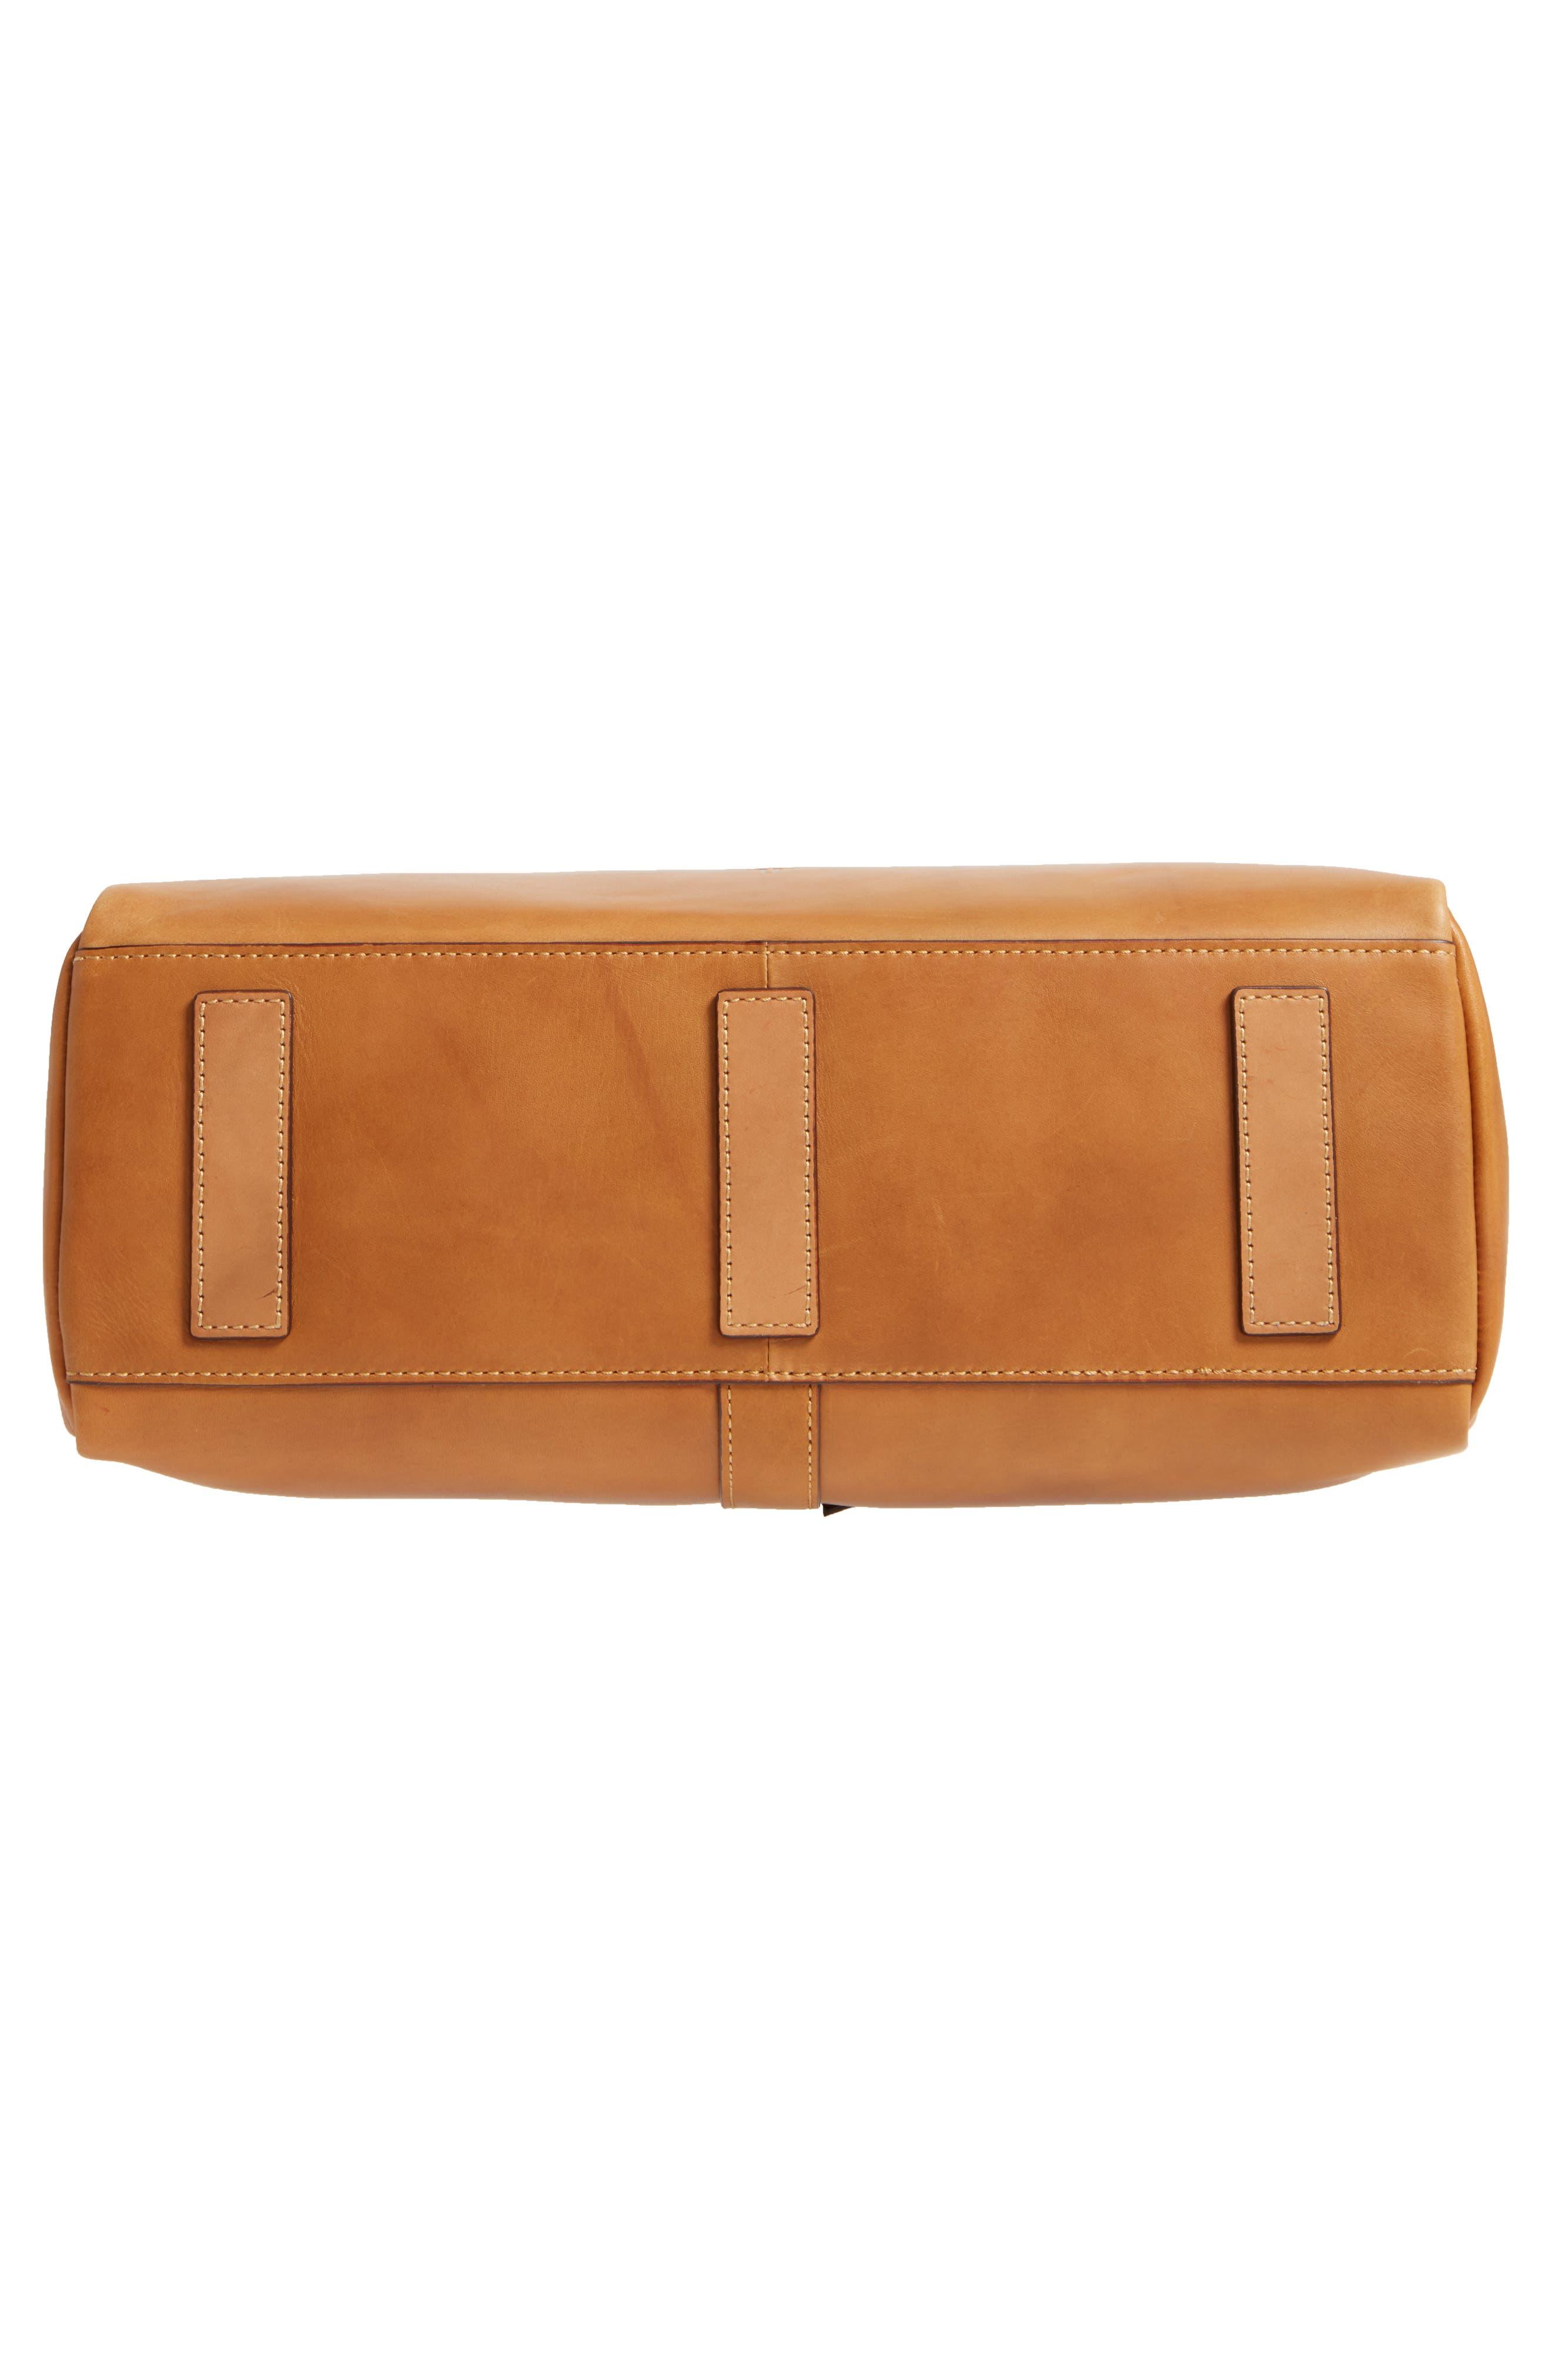 Ilana Harness Leather Shopper,                             Alternate thumbnail 6, color,                             Cognac